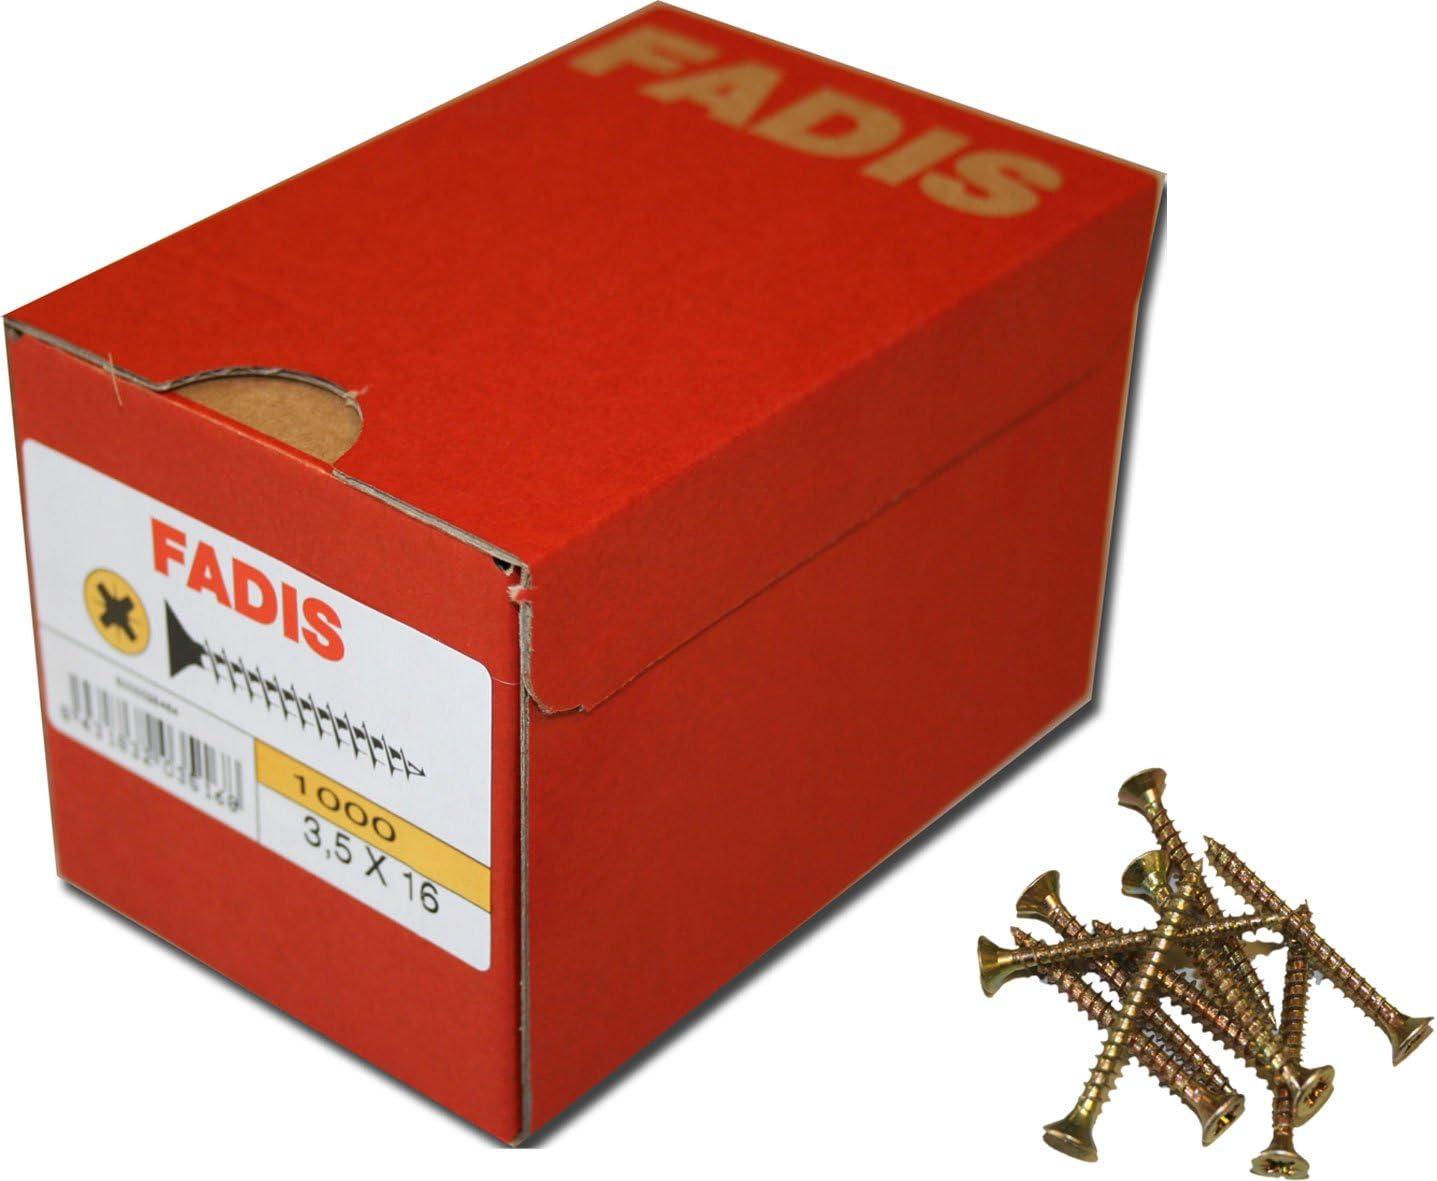 Fadis 1501020350309 Torni.Fadis Bicro C//P 35 19X030